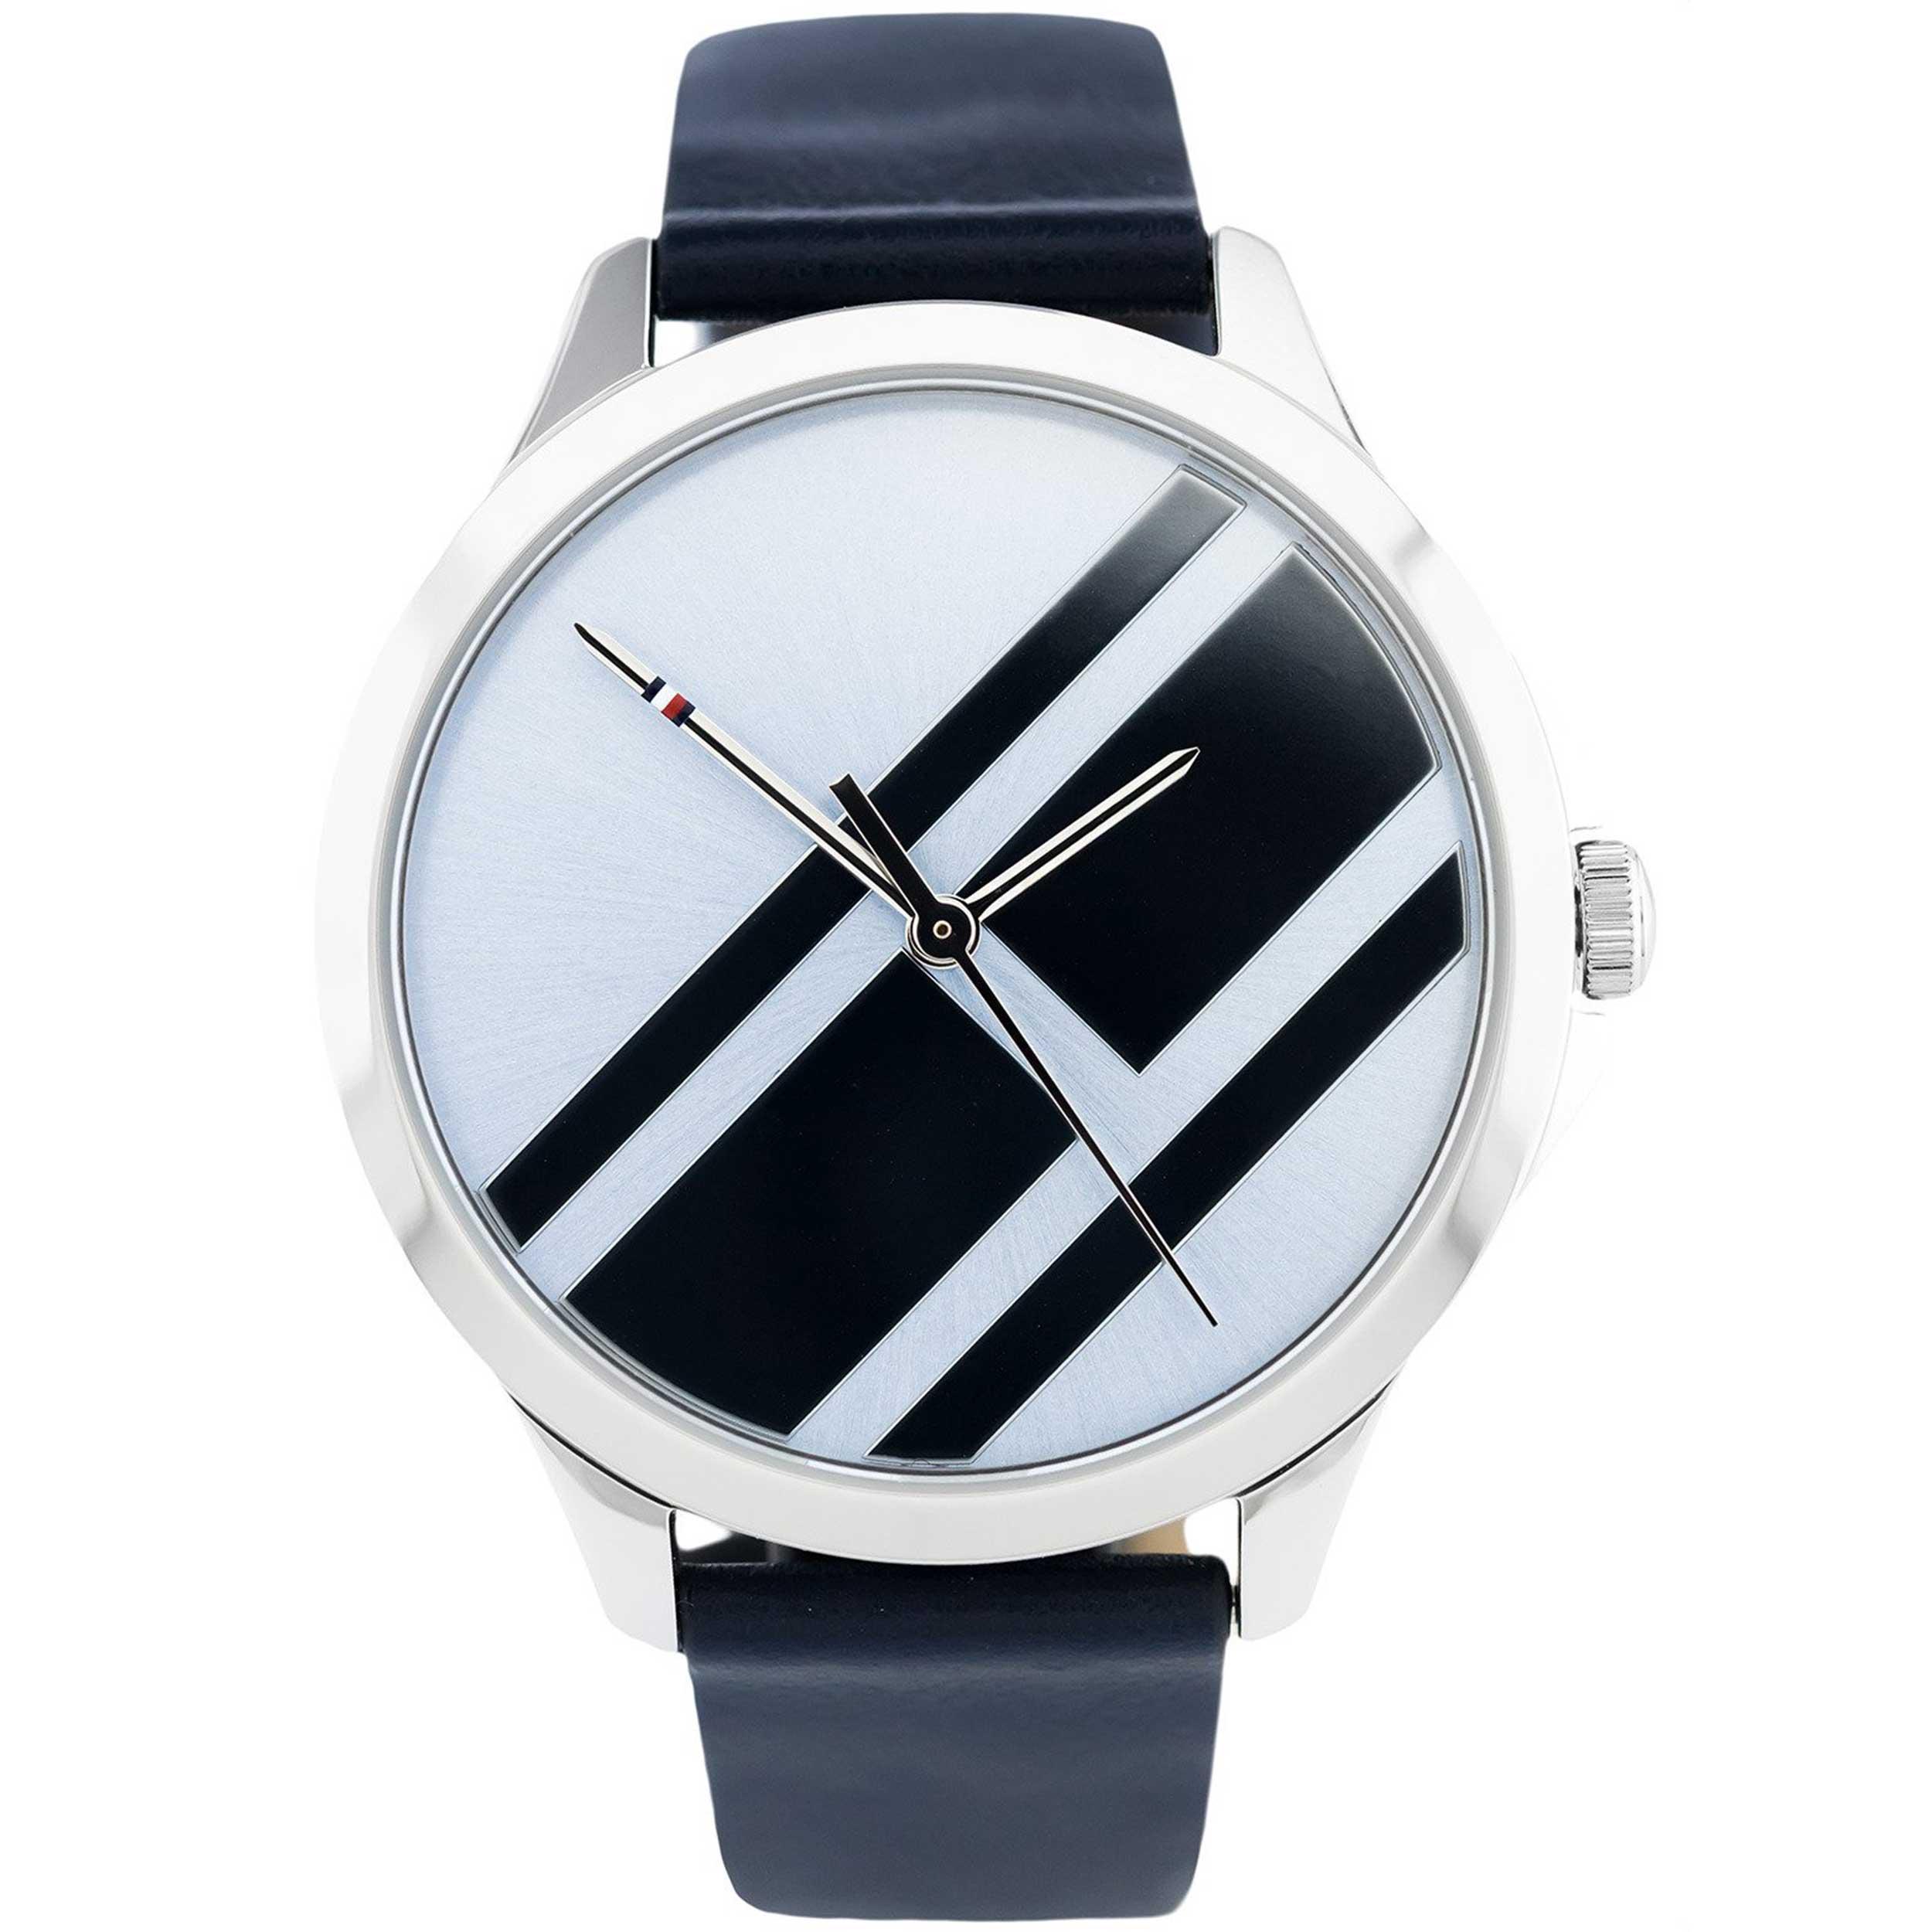 ساعت مچی عقربه ای زنانه تامی هیلفیگر مدل 1781964